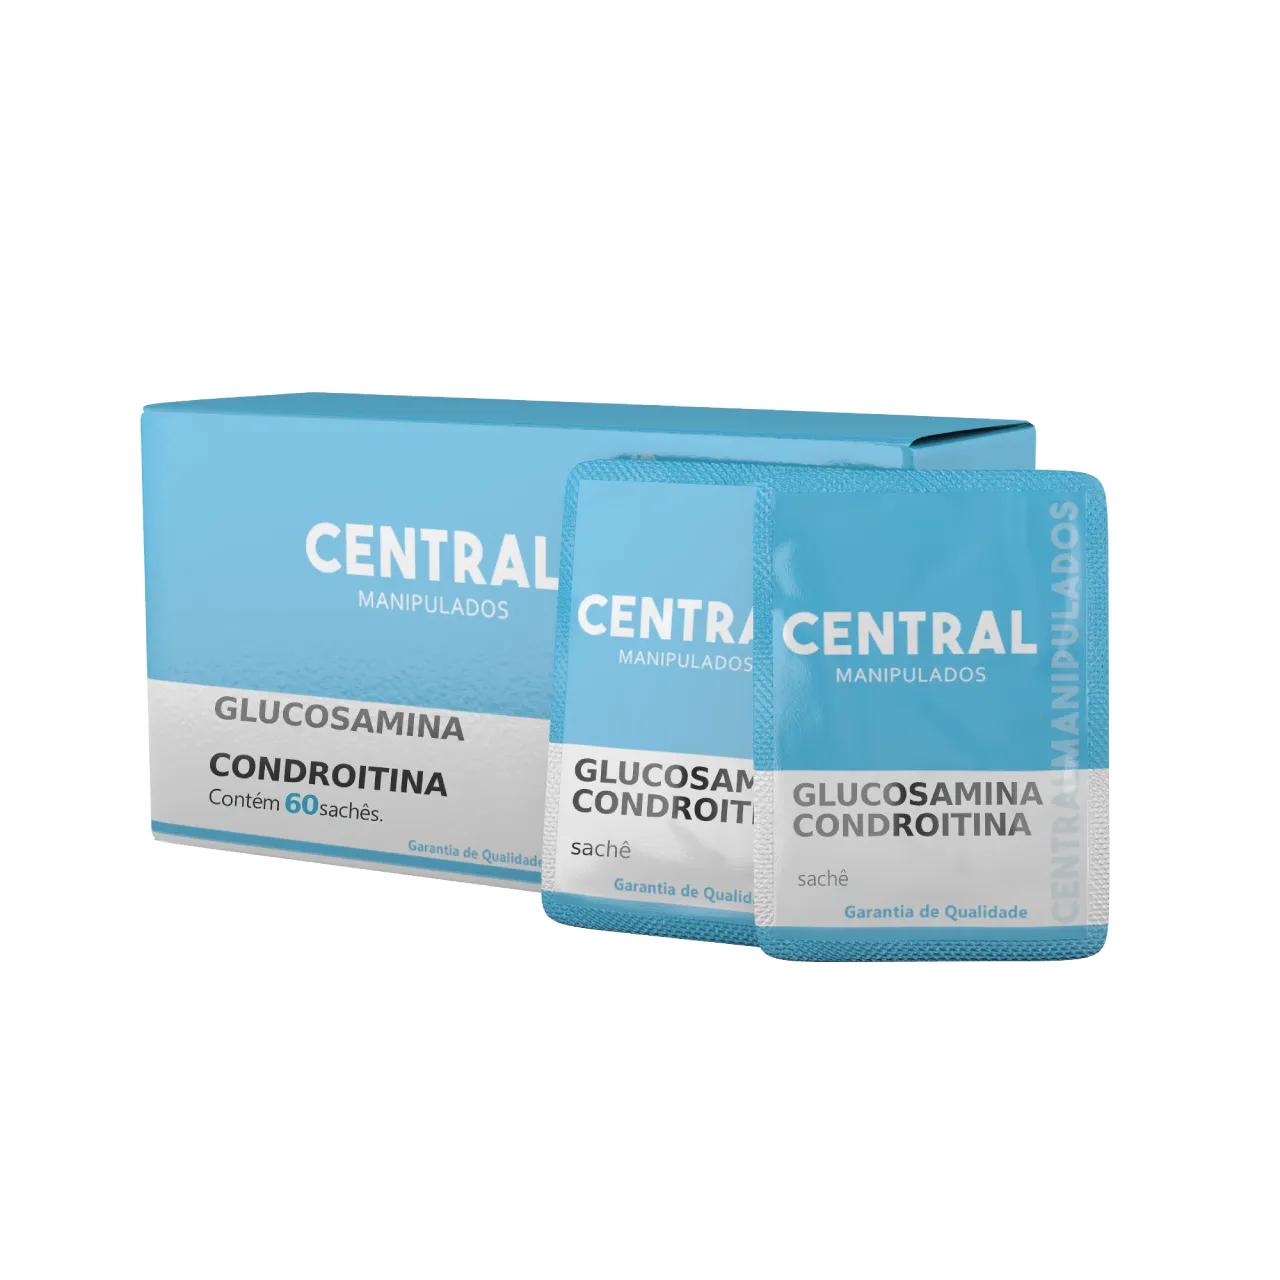 Glucosamina 1,5g + Condroitina 1,2g - 60 sachês efervescente - Sem sabor - Restaurar as articulações e cartilagens, Reduzir câimbras musculares e espasmos